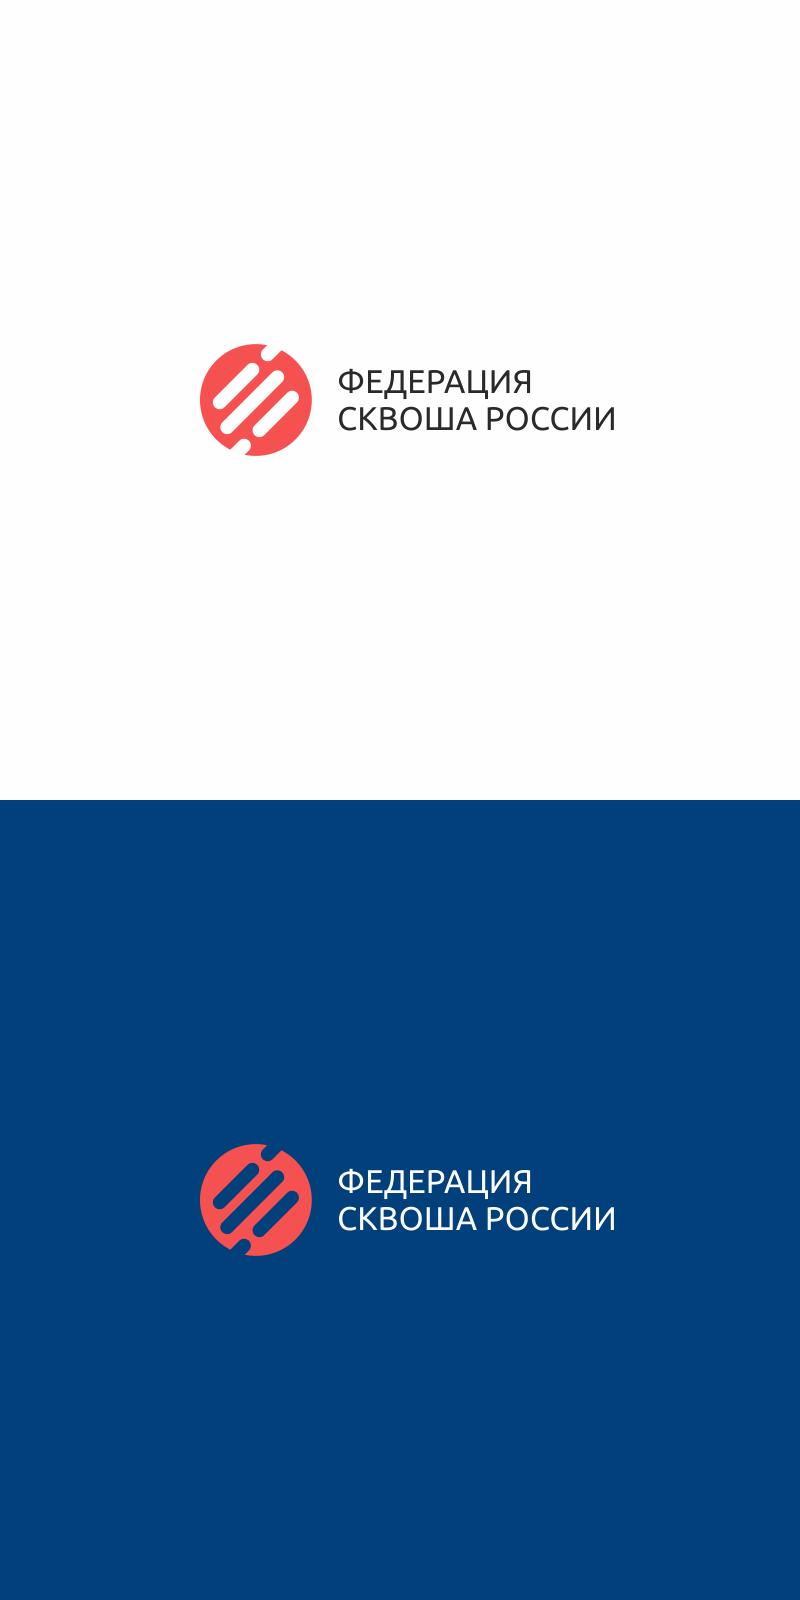 Разработать логотип для Федерации сквоша России фото f_4365f396f9e55784.png